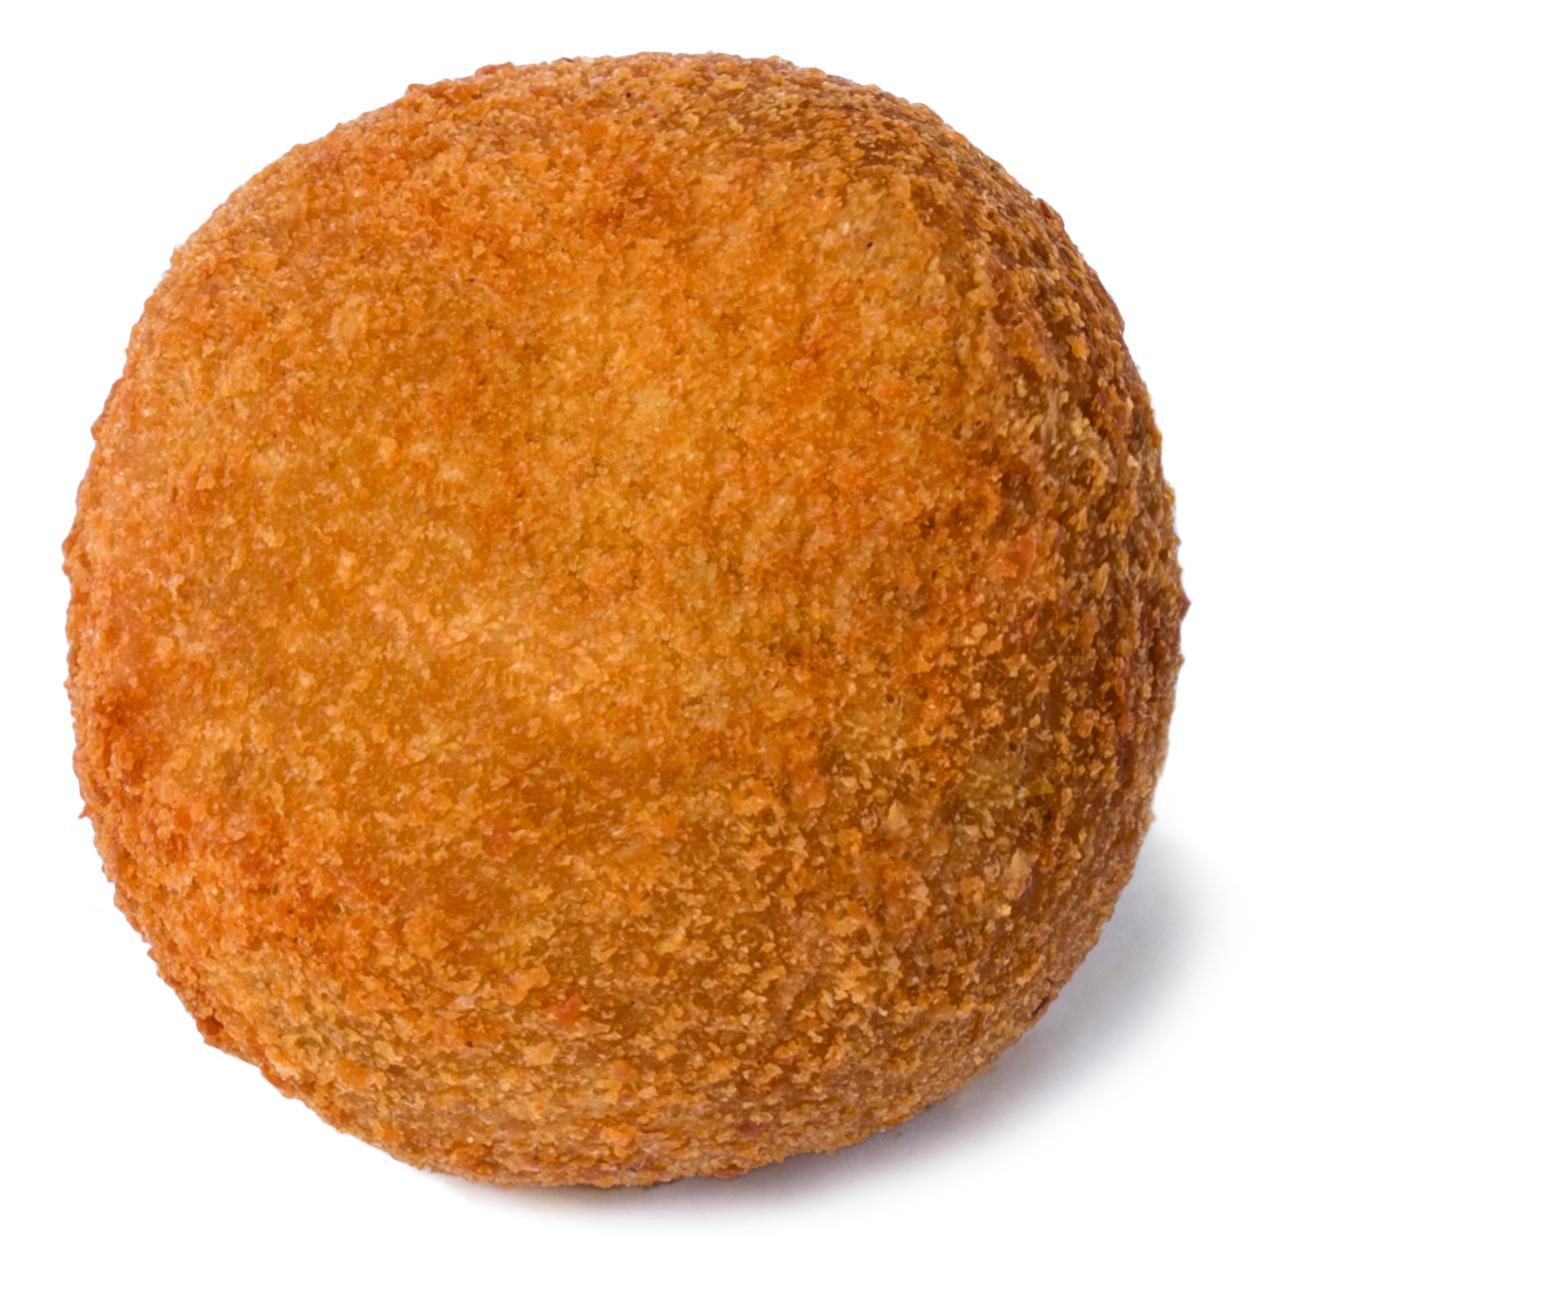 Coquetel - Fritos Coquetel (fritos) - Bolinha de Calabresa